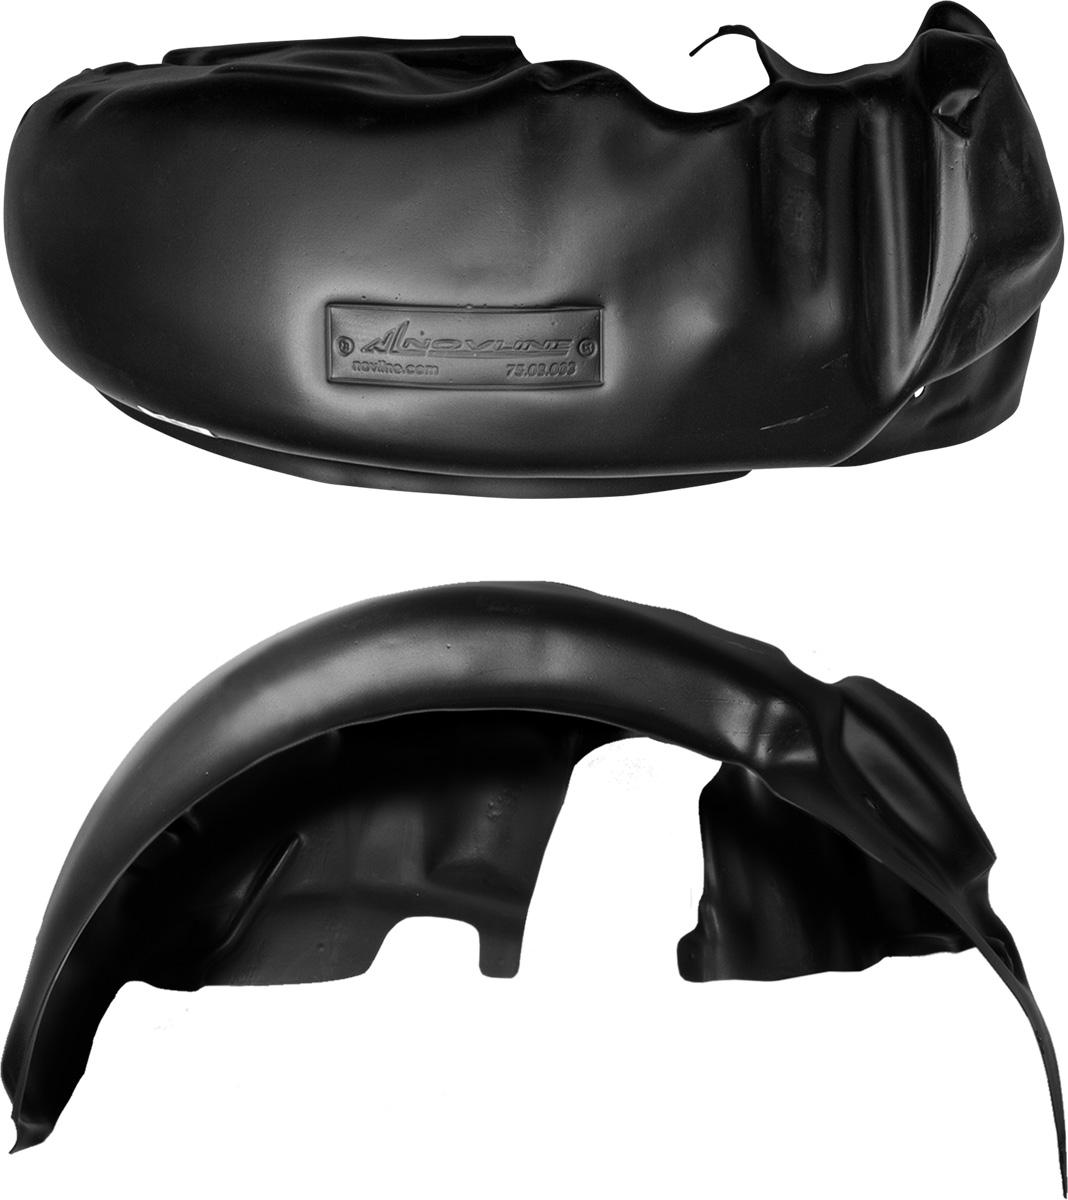 Подкрылок Novline-Autofamily, для Renault Duster 4x4, 05/2015->, кроссовер, задний левыйNLL.41.41.003Колесные ниши – одни из самых уязвимых зон днища вашего автомобиля. Они постоянно подвергаются воздействию со стороны дороги. Лучшая, почти абсолютная защита для них - специально отформованные пластиковые кожухи, которые называются подкрылками, или локерами. Производятся они как для отечественных моделей автомобилей, так и для иномарок. Подкрылки выполнены из высококачественного, экологически чистого пластика. Обеспечивают надежную защиту кузова автомобиля от пескоструйного эффекта и негативного влияния, агрессивных антигололедных реагентов.Пластик обладает более низкой теплопроводностью, чем металл, поэтому в зимний период эксплуатации использование пластиковых подкрылков позволяет лучше защитить колесные ниши от налипания снега и образования наледи.Оригинальность конструкции подчеркивает элегантность автомобиля, бережно защищает нанесенное на днище кузова антикоррозийное покрытие и позволяет осуществить крепление подкрылков внутри колесной арки практически без дополнительного крепежа и сверления, не нарушая при этом лакокрасочного покрытия, что предотвращает возникновение новых очагов коррозии.Технология крепления подкрылков на иномарки принципиально отличается от крепления на российские автомобили и разрабатывается индивидуально для каждой модели автомобиля. Подкрылки долговечны, обладают высокой прочностью и сохраняют заданную форму, а также все свои физико-механические характеристики в самых тяжелых климатических условиях ( от -50° С до + 50° С).